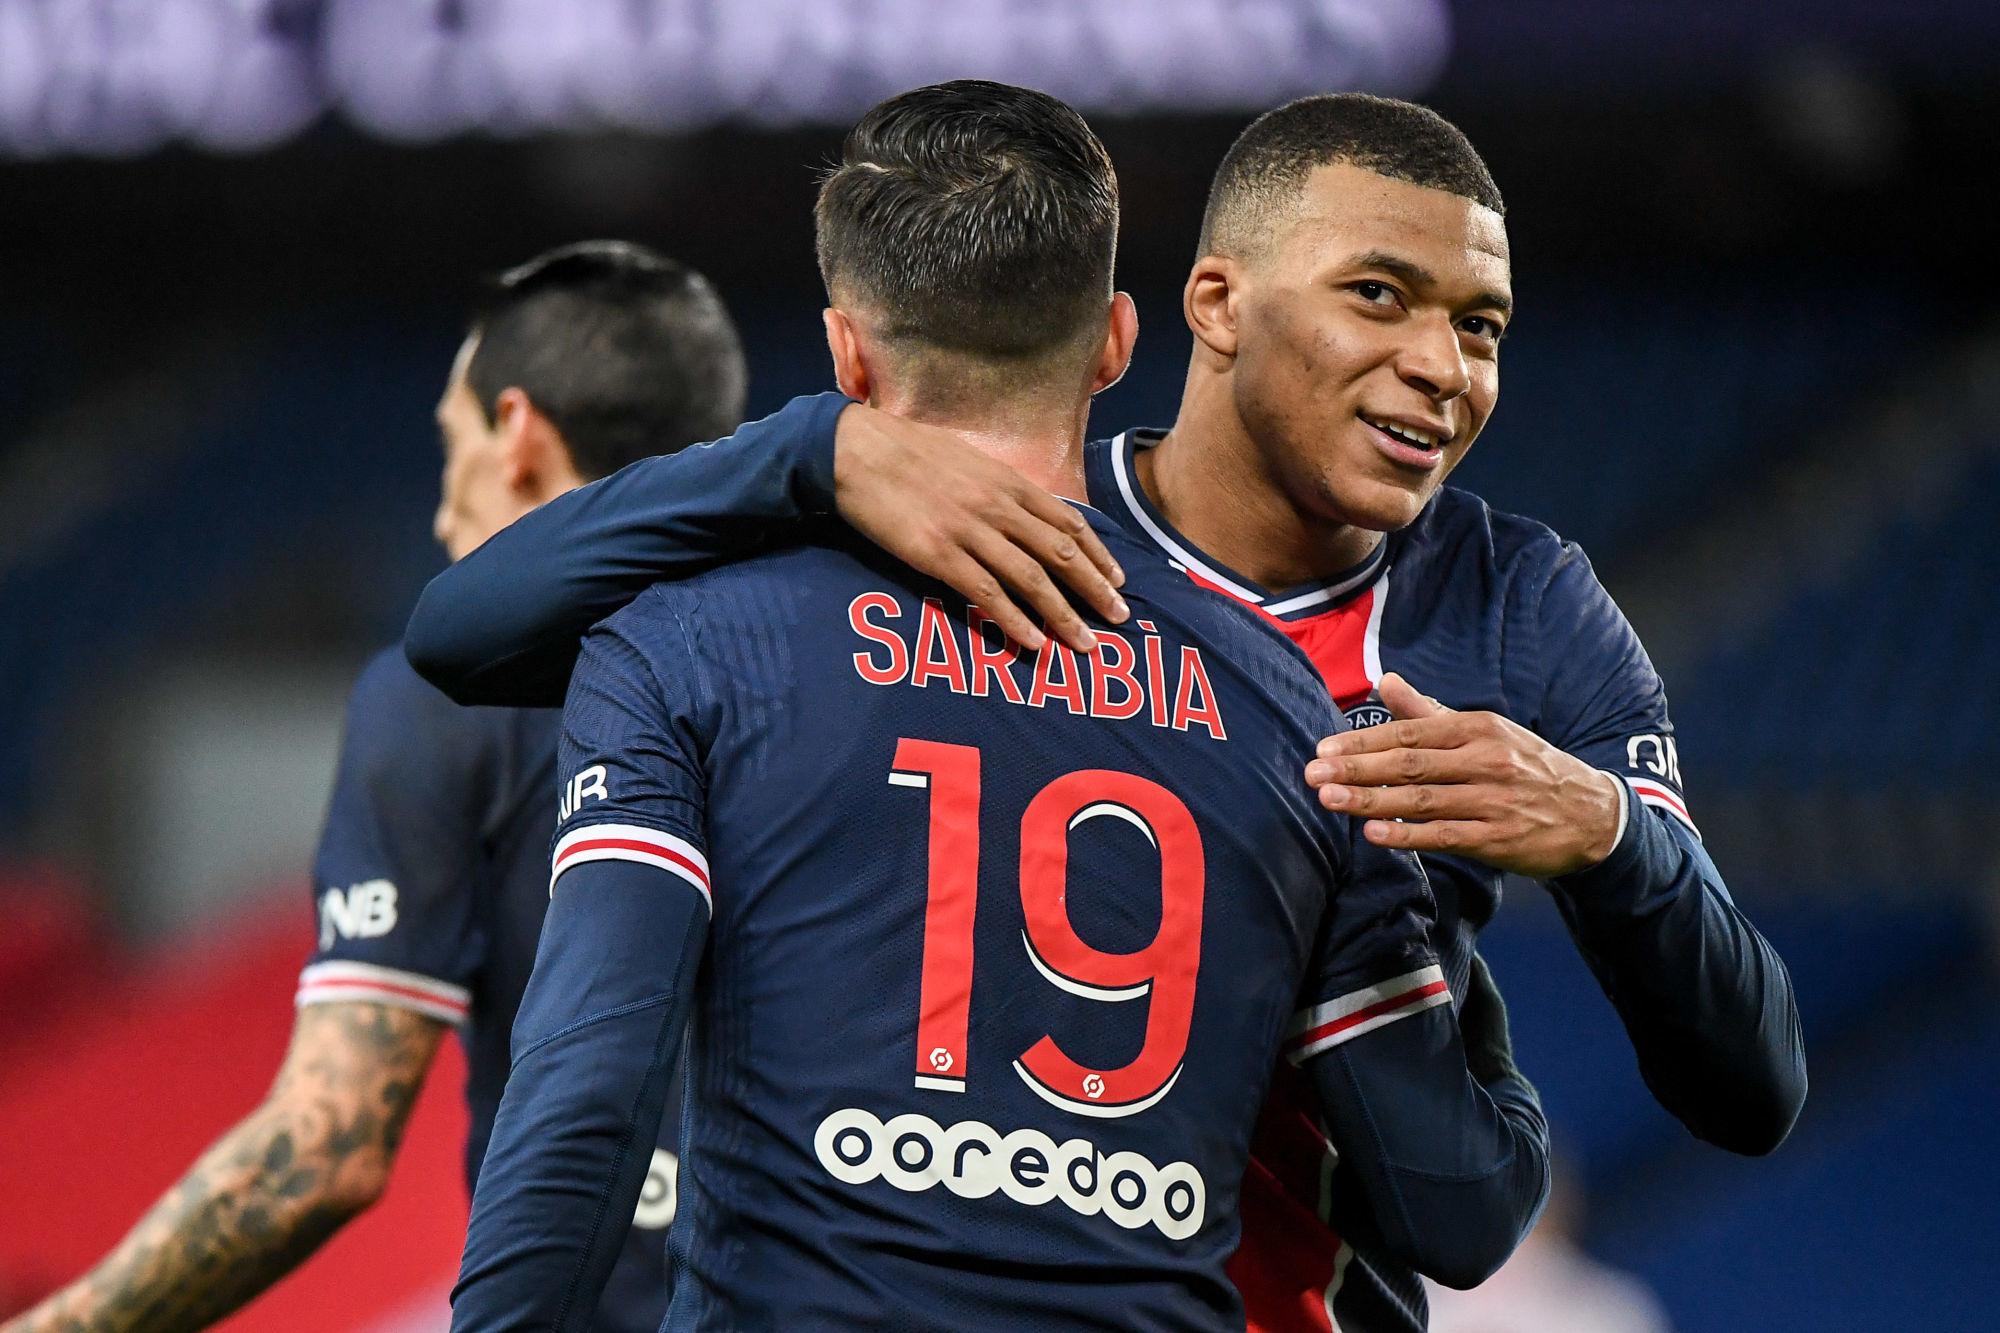 Les images du PSG ce jeudi: retour sur la victoire face à Nîmes